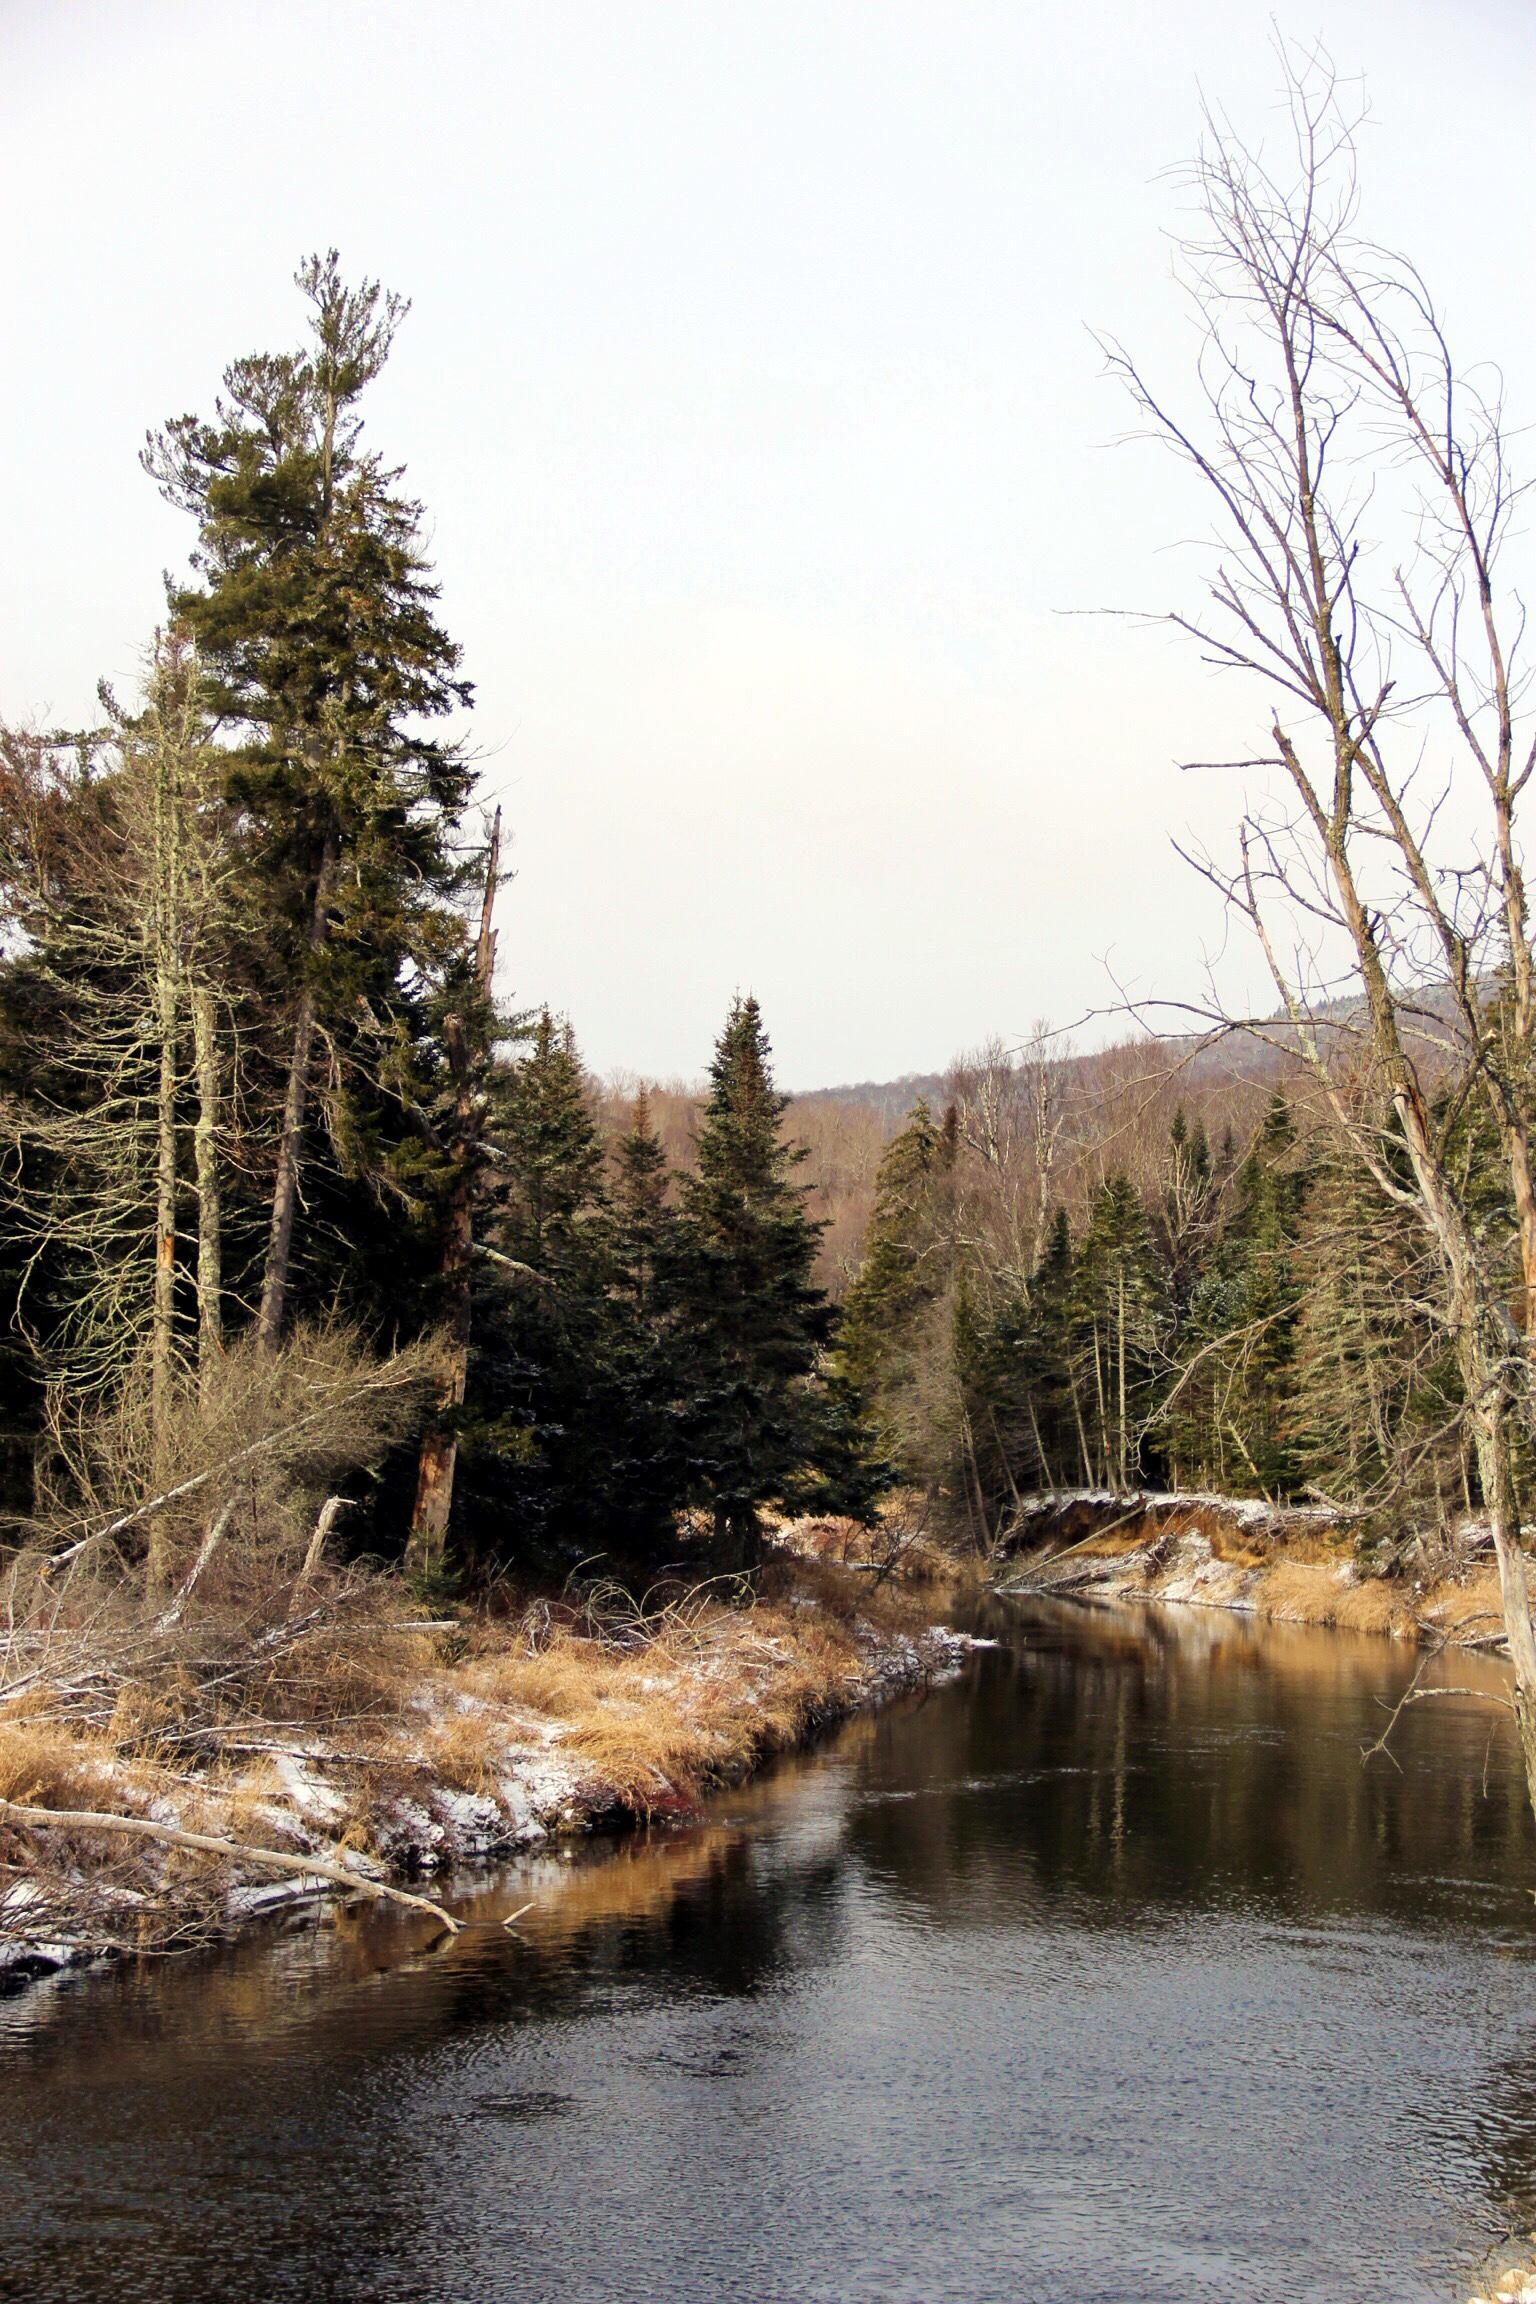 Adirondacks in winter - The Pastiche